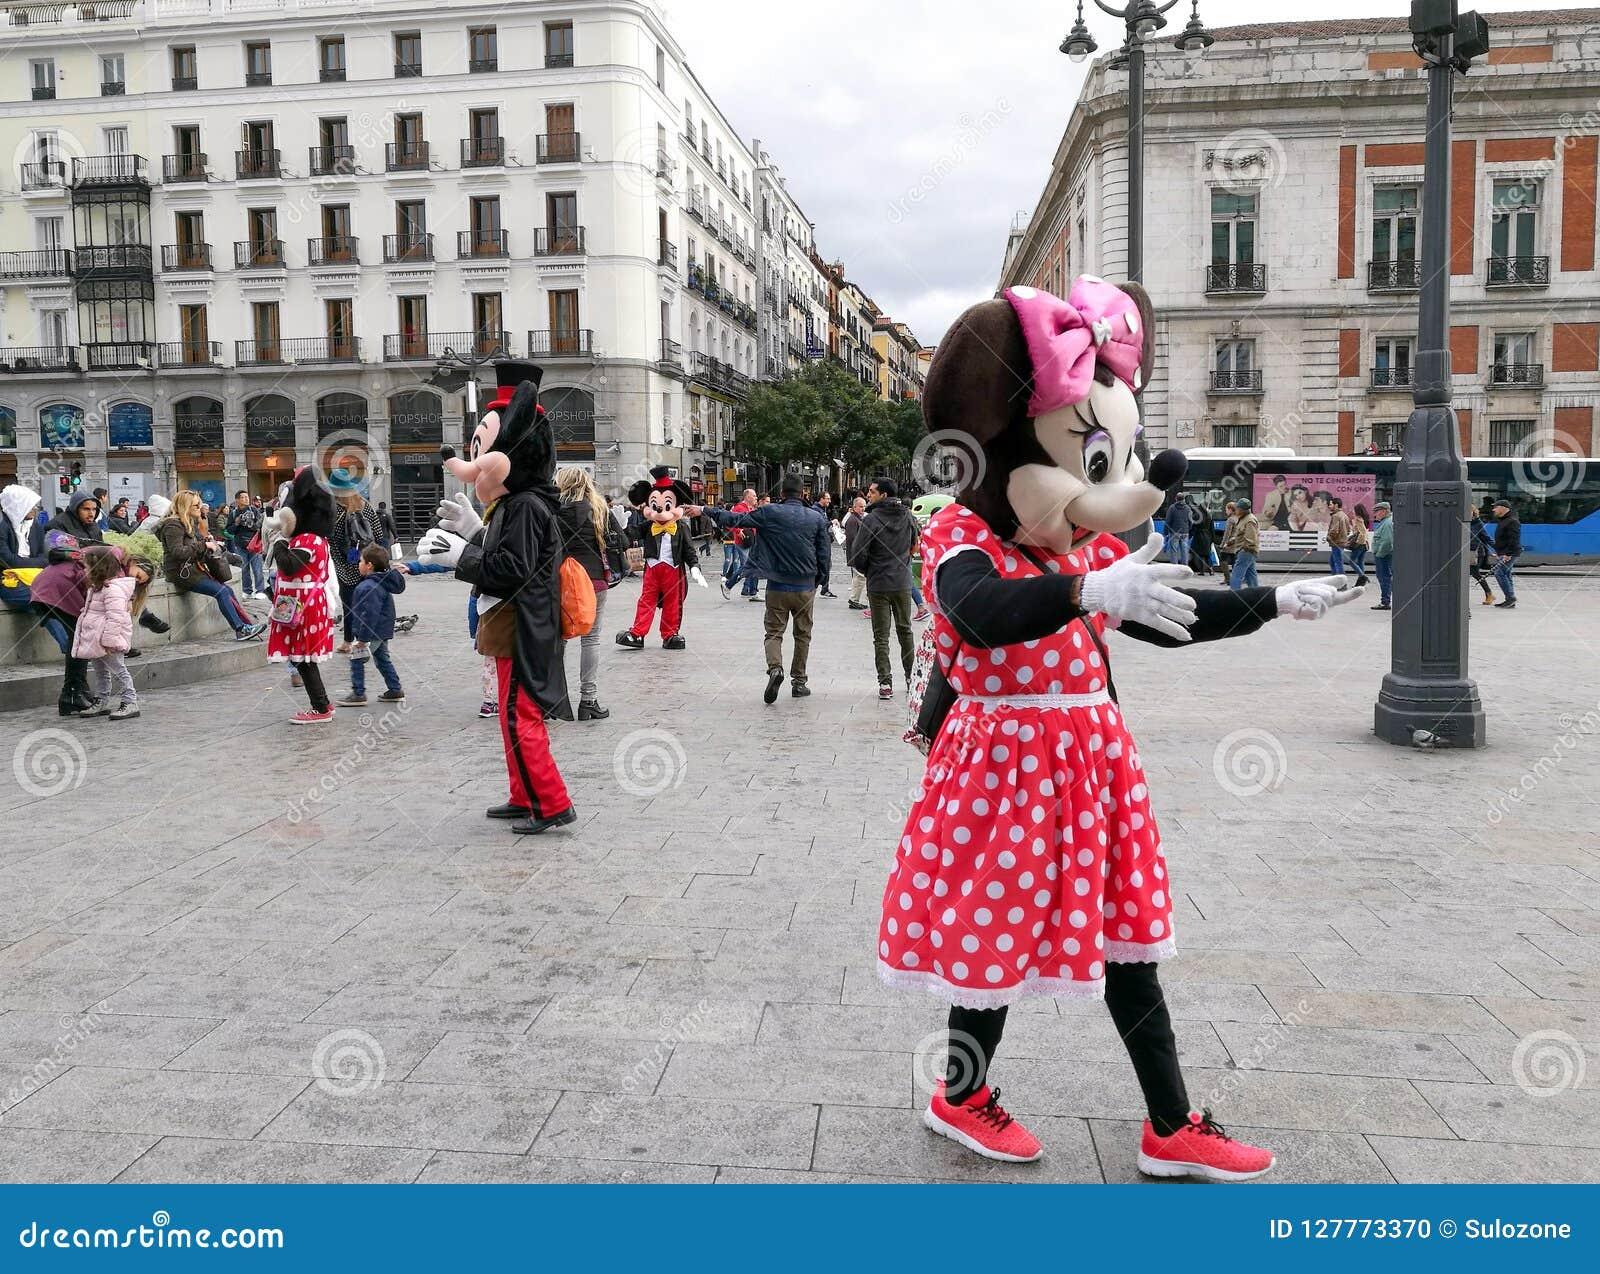 De mensen in kostuums van Minnie en Mickey Mouse lopen om toeristen te onderhouden